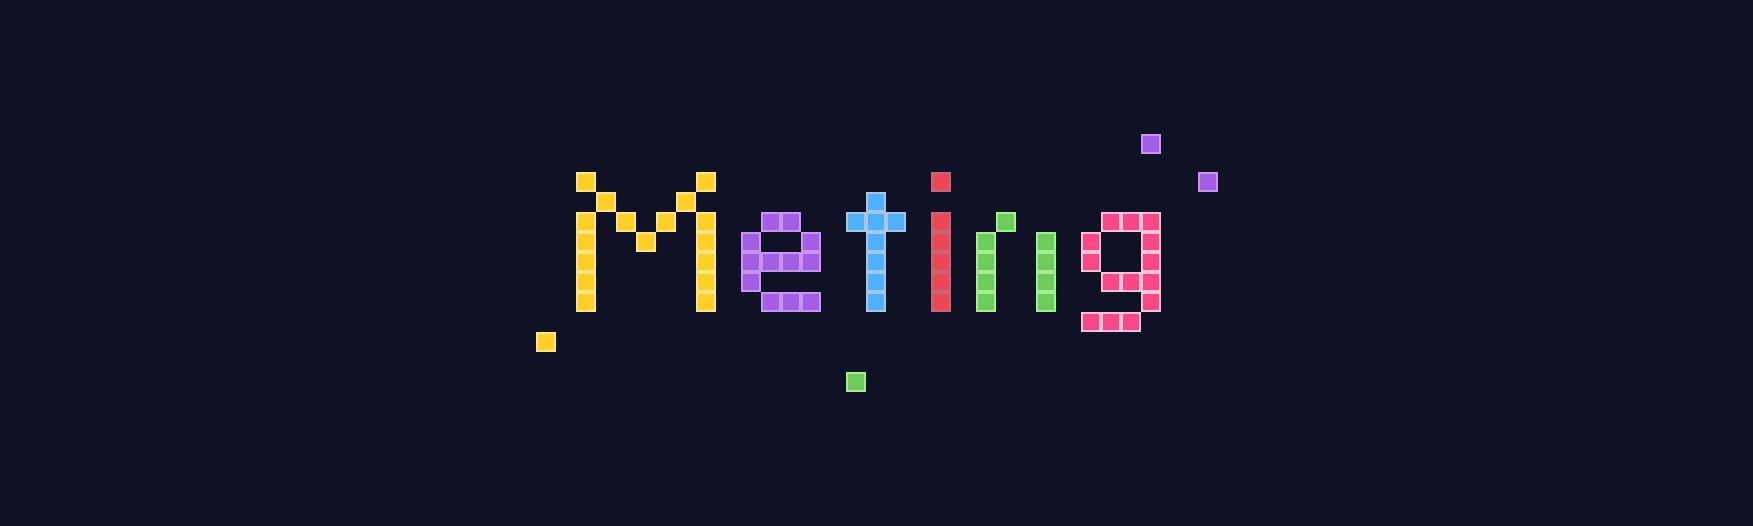 Meting